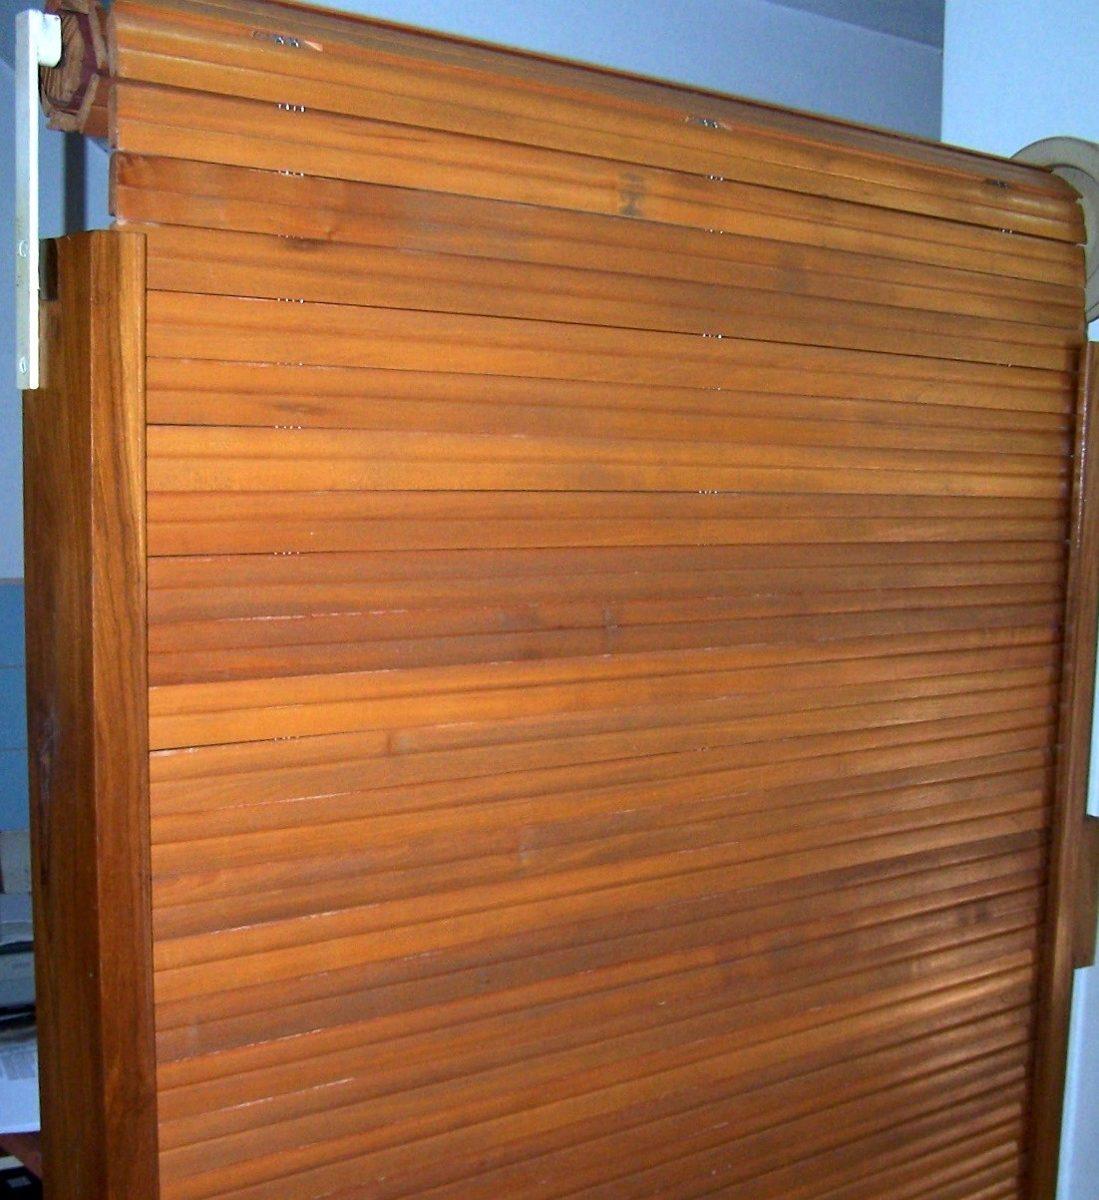 Reparacion de persianas y cortinas de enrollar de madera - Persianas enrollables de madera ...